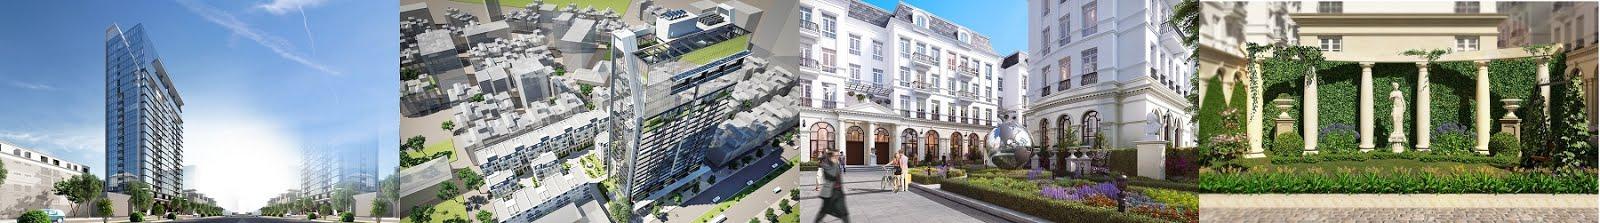 Trang bán hàng dự án Grandeur Palace Giảng Võ Văn Phú